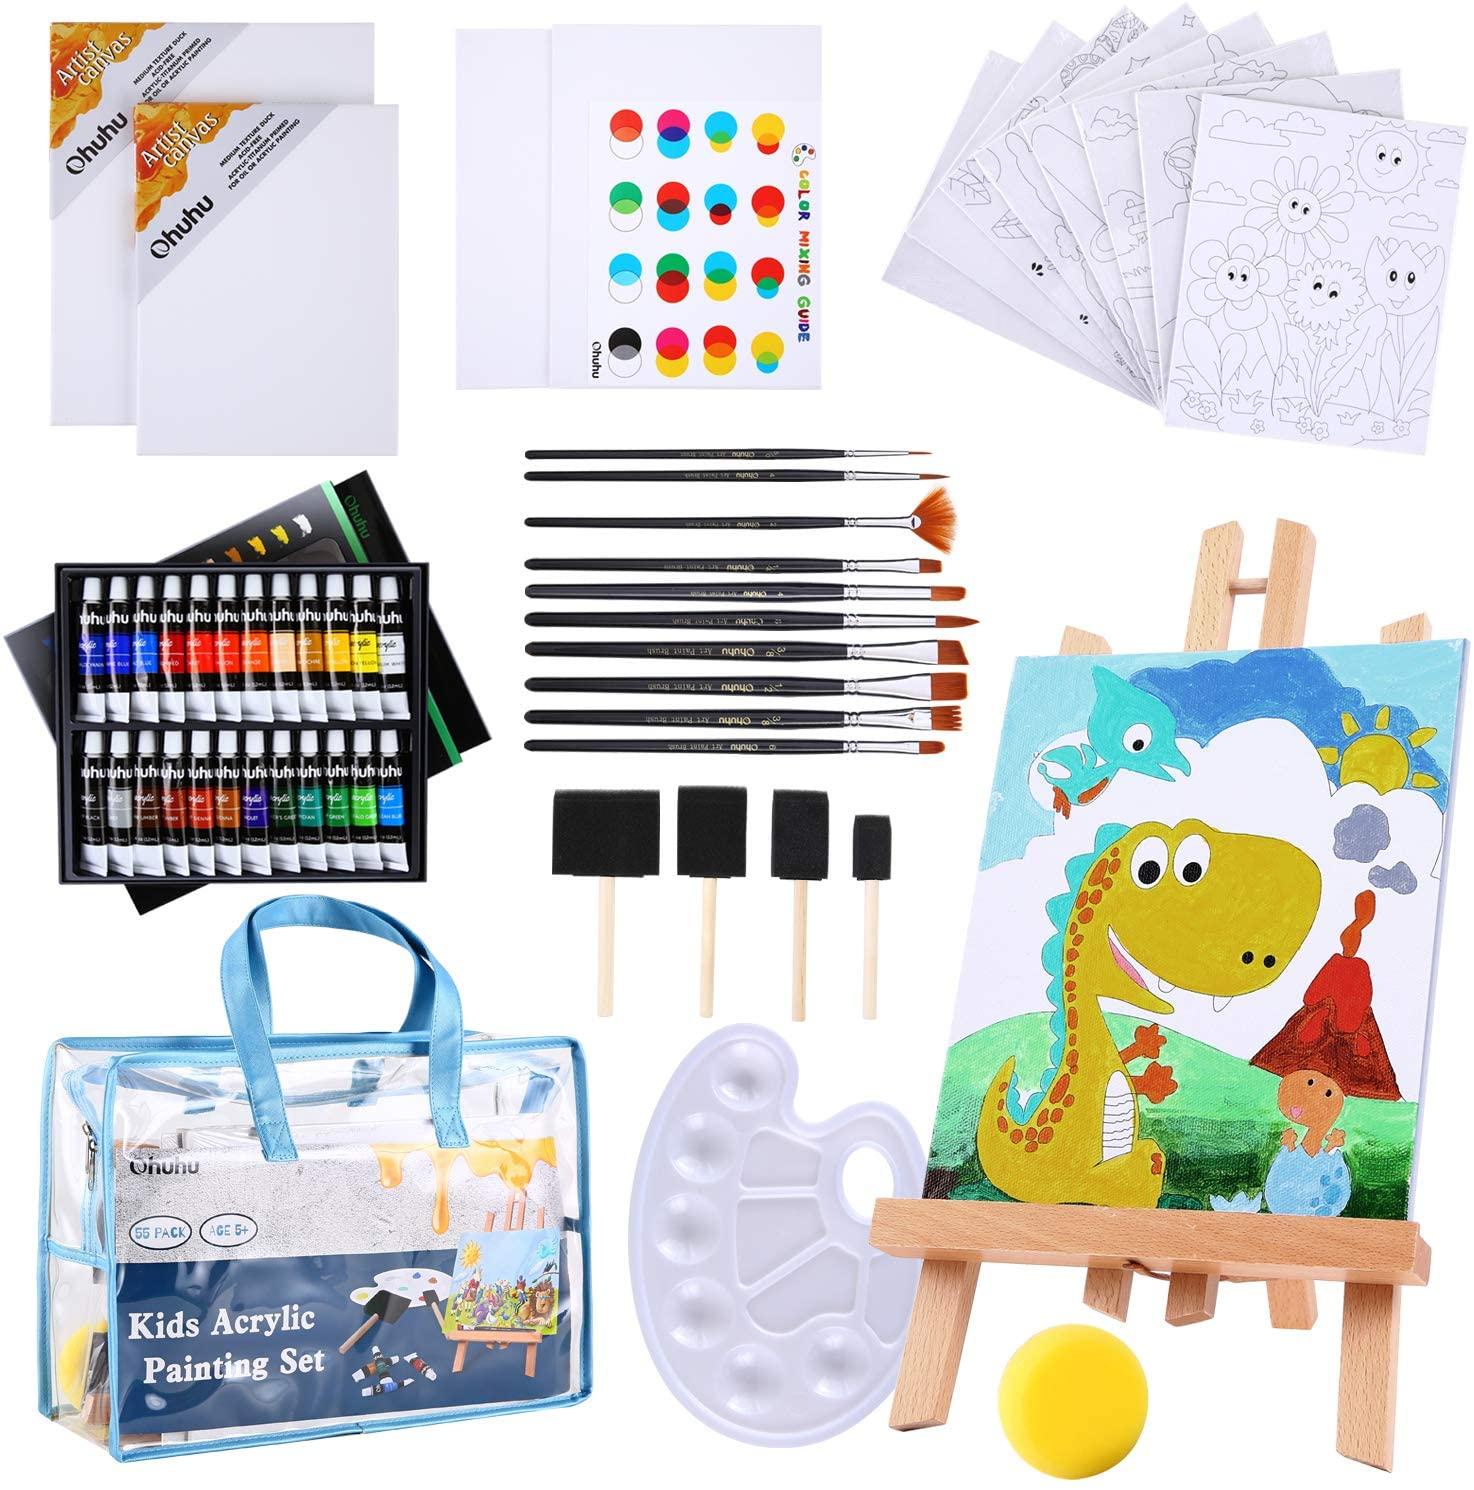 Paint Set for Kids, Ohuhu 55pcs Kids Art Set Paint Easel Includes 24 Non Toxic Acrylic Paints, Table Top Easel, 12 Paint Brushes,12 Pcs Canvas, Paint Palette, Art Supplies for Kids with Travel Bag